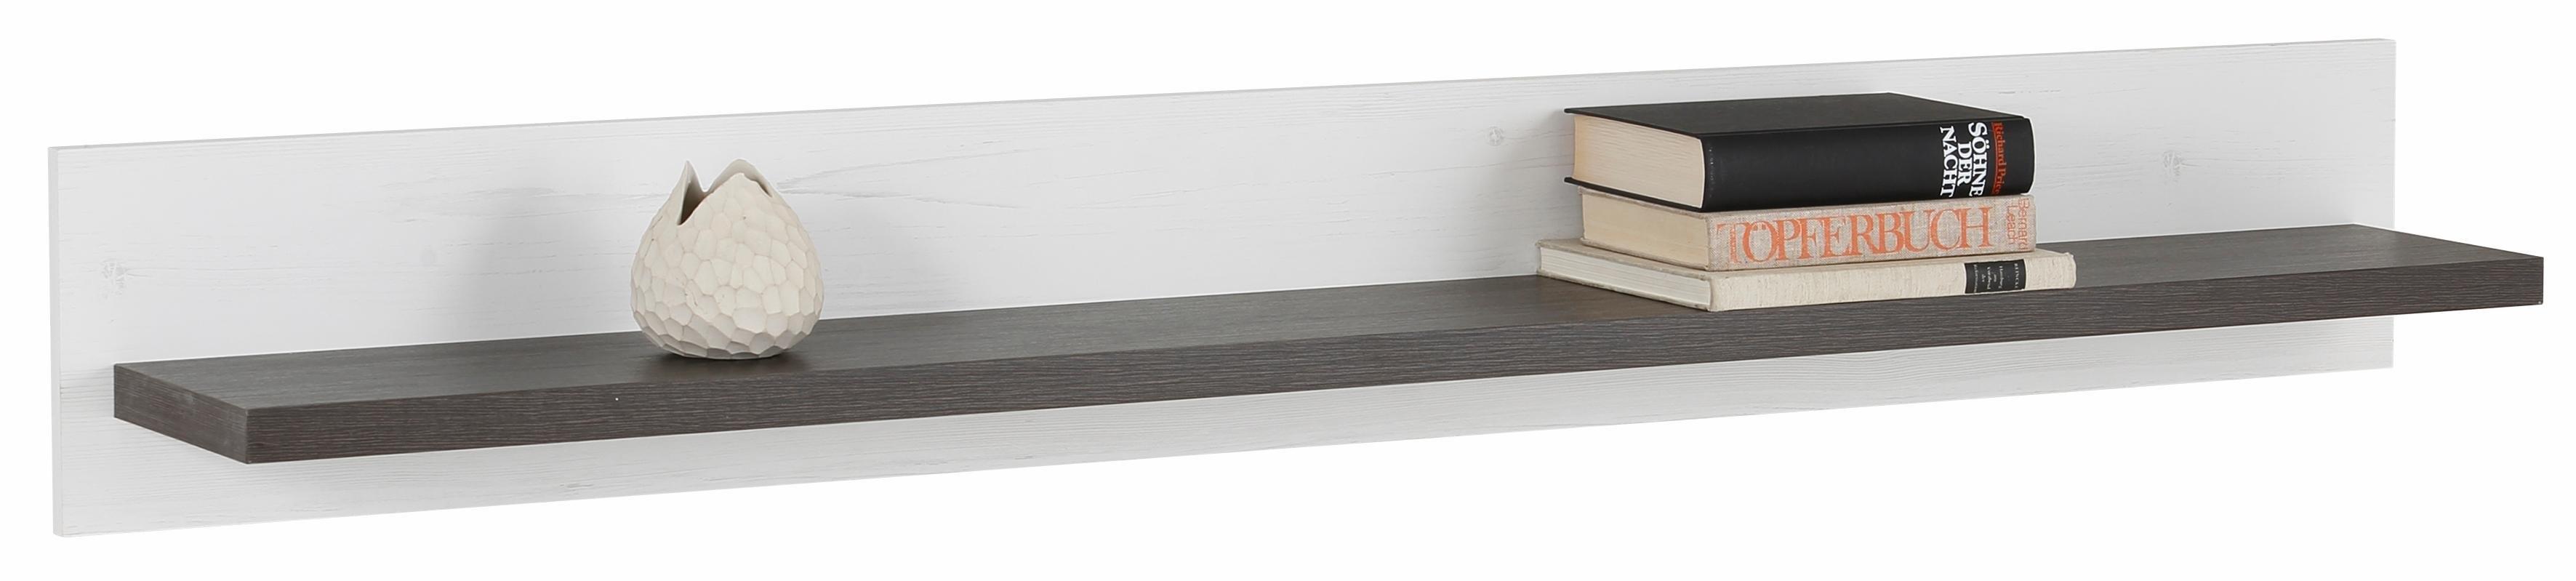 Wandplank Hoogglans Wit.Home Affaire Wandplank Siena Breedte 150 Cm Makkelijk Gekocht Otto